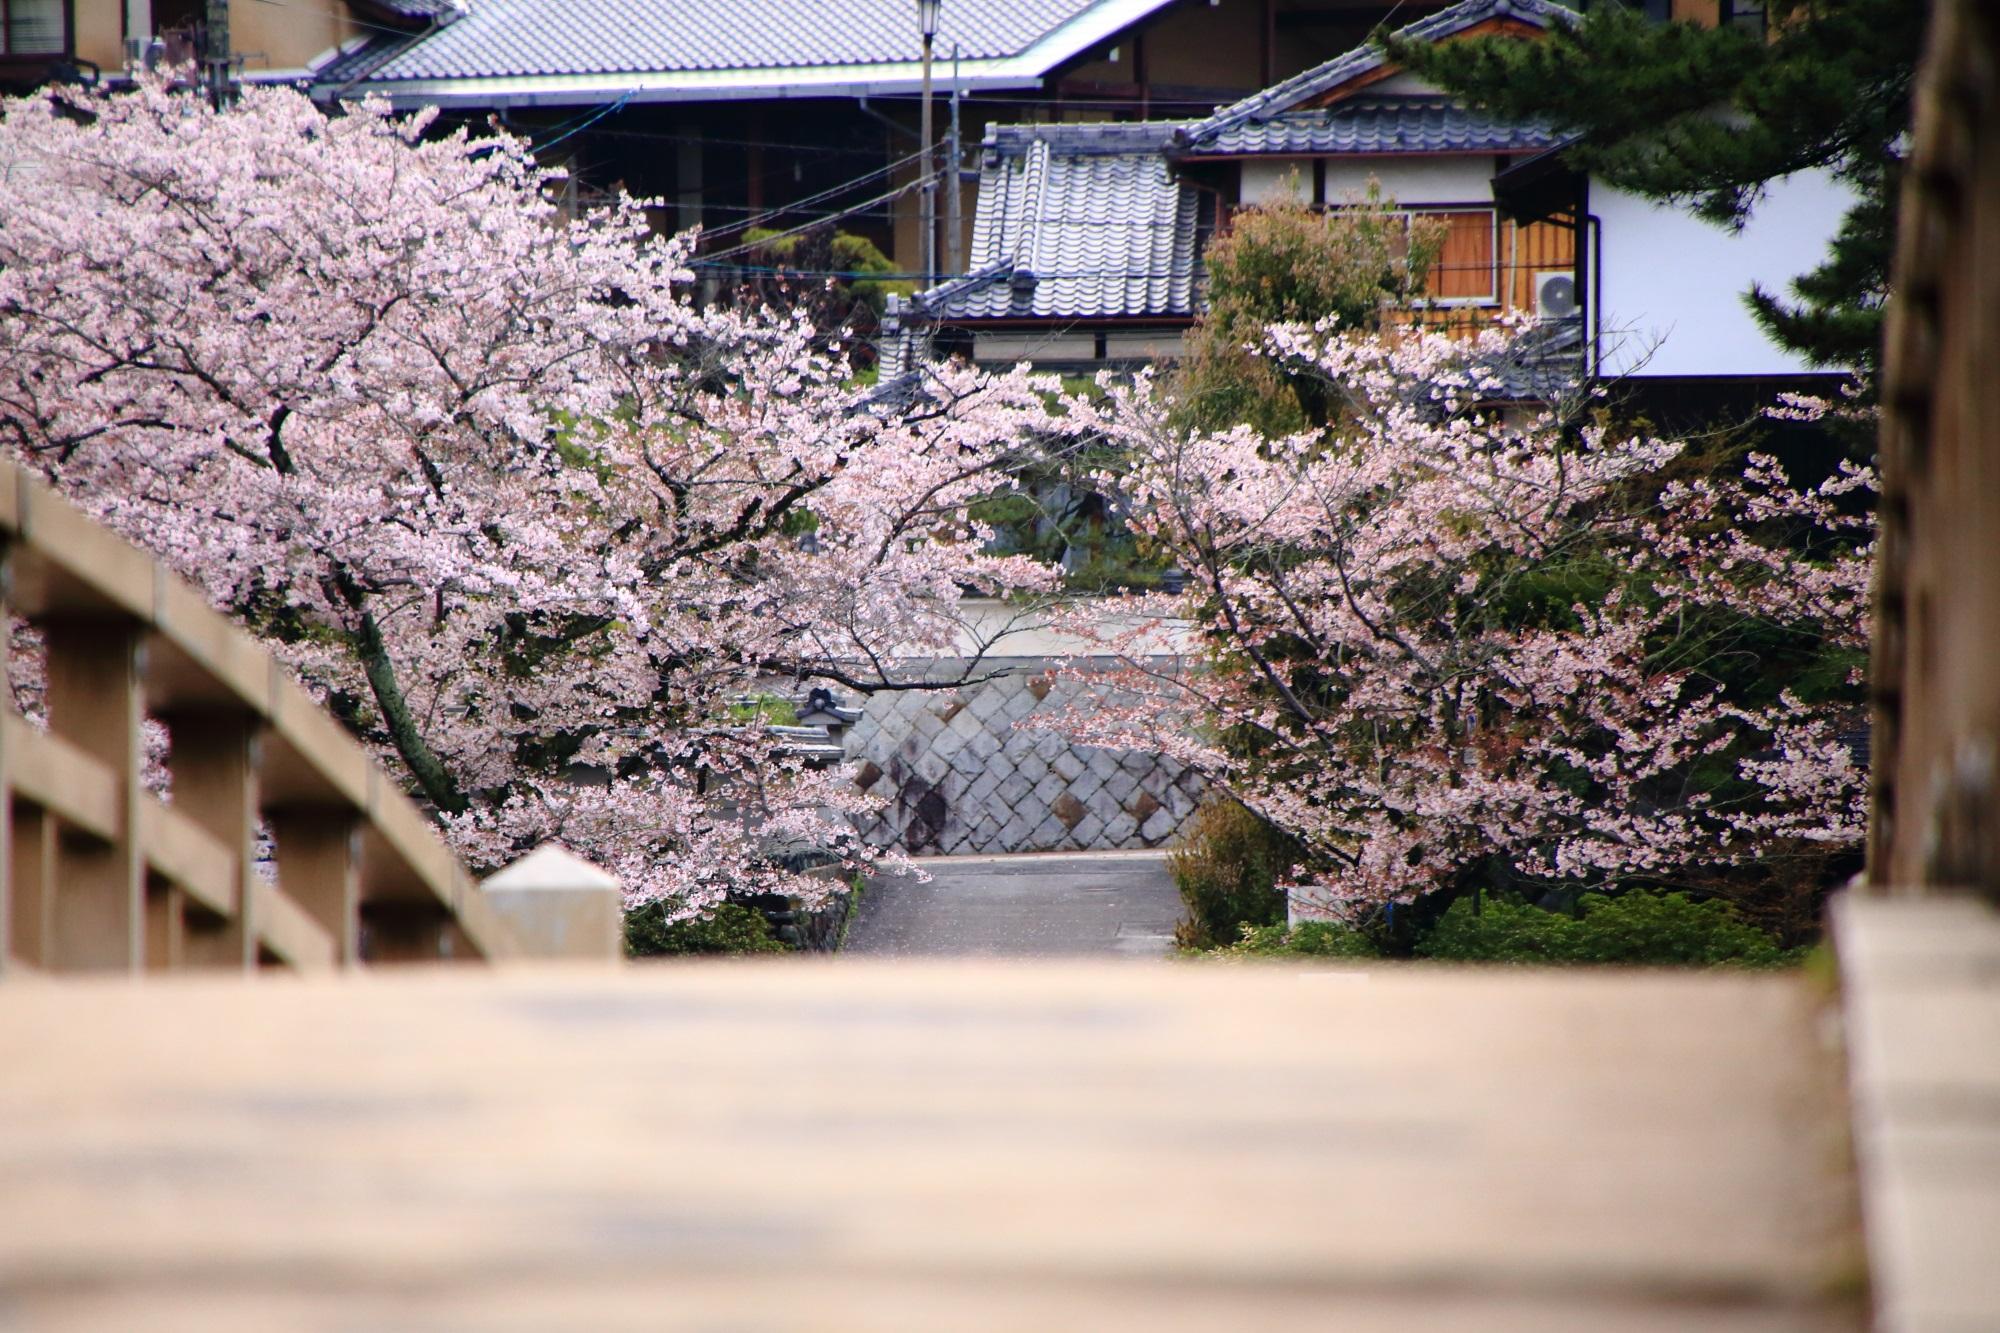 橘橋と桜の風情ある春の情景